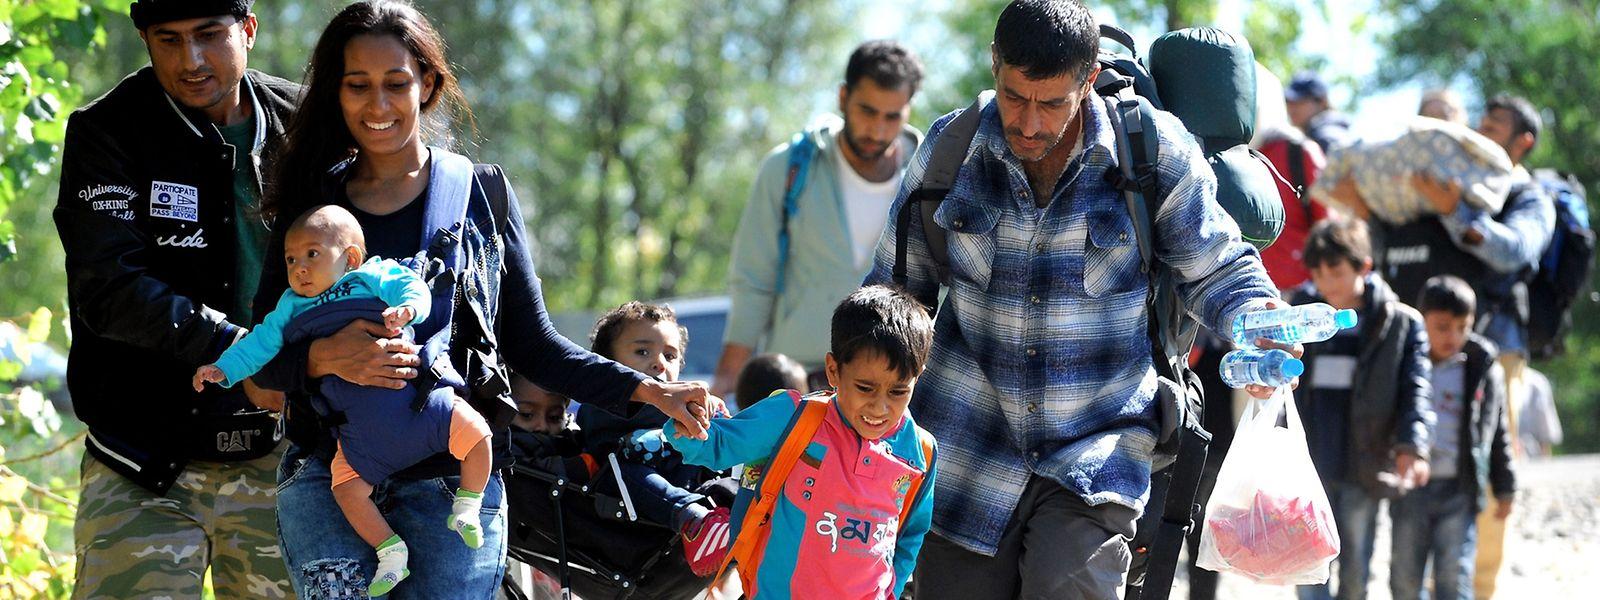 Ungarn will Flüchtlinge, wie hier an der kroatisch-ungarischen Grenze, gleich nach der Einreise internieren